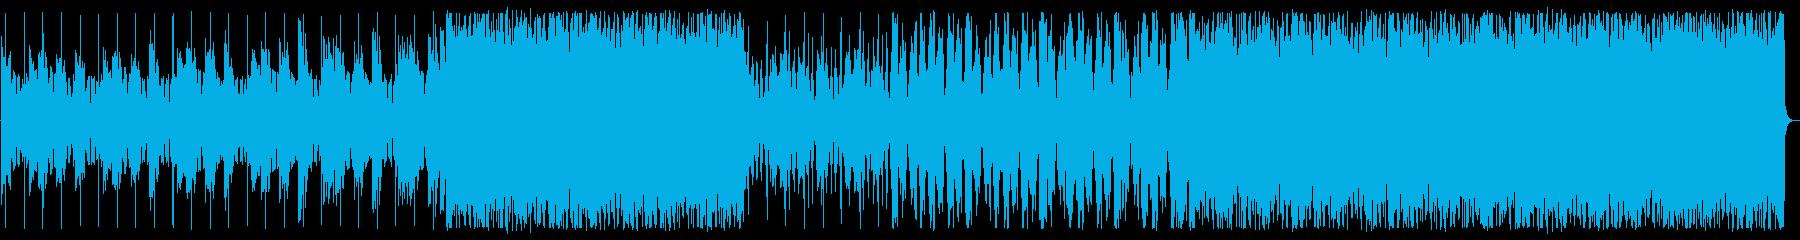 レトロ/エレクトロ_No591の再生済みの波形